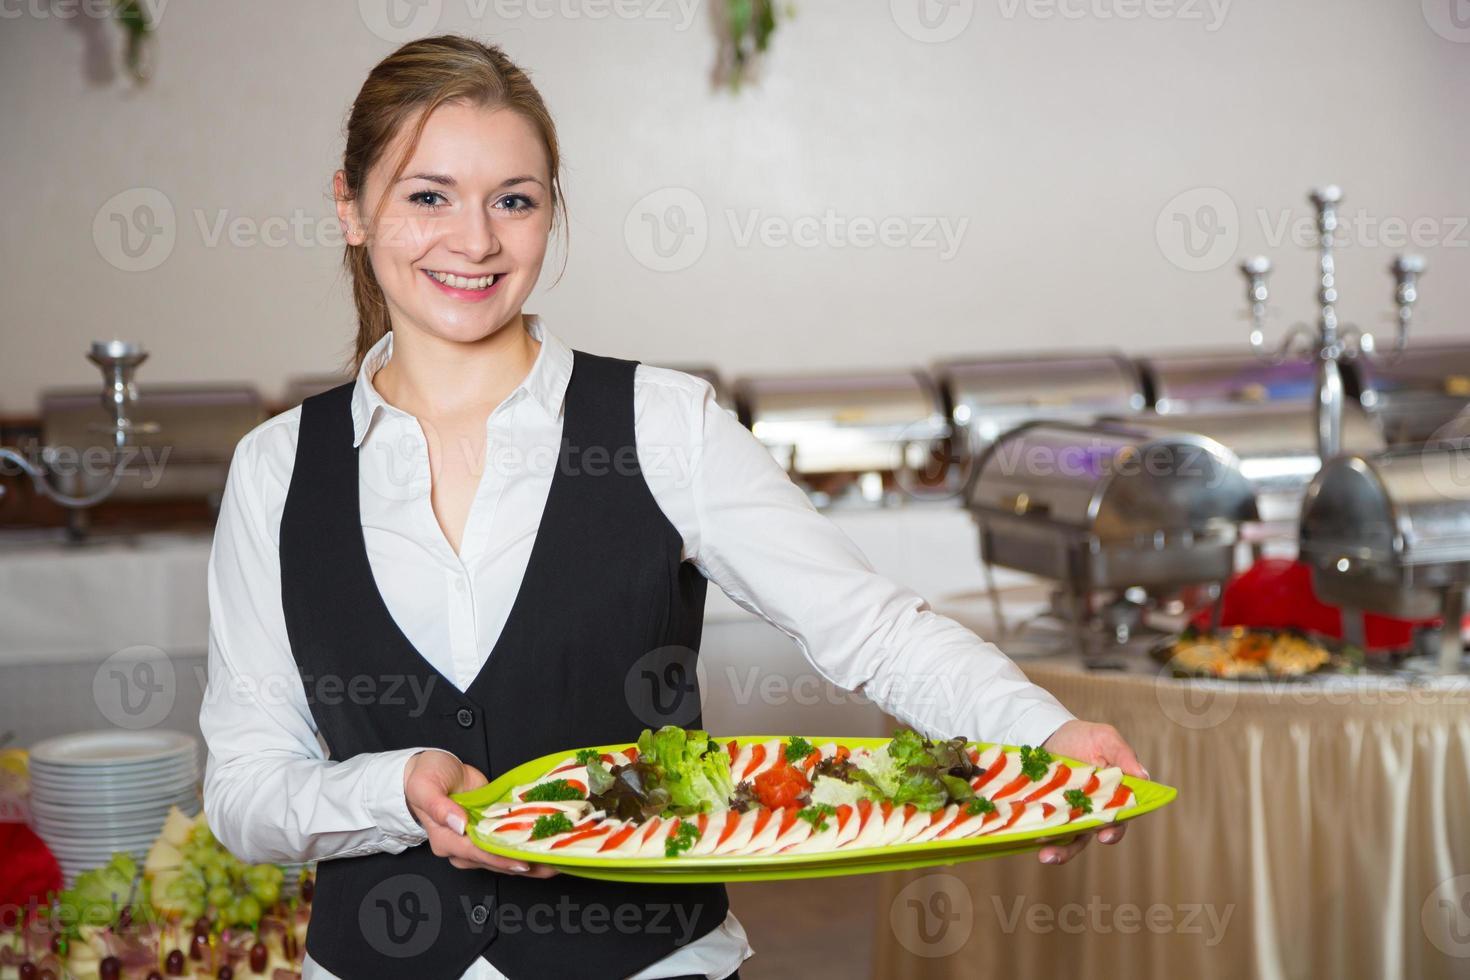 Catering-Service-Mitarbeiter posiert mit Tablett für Buffett foto